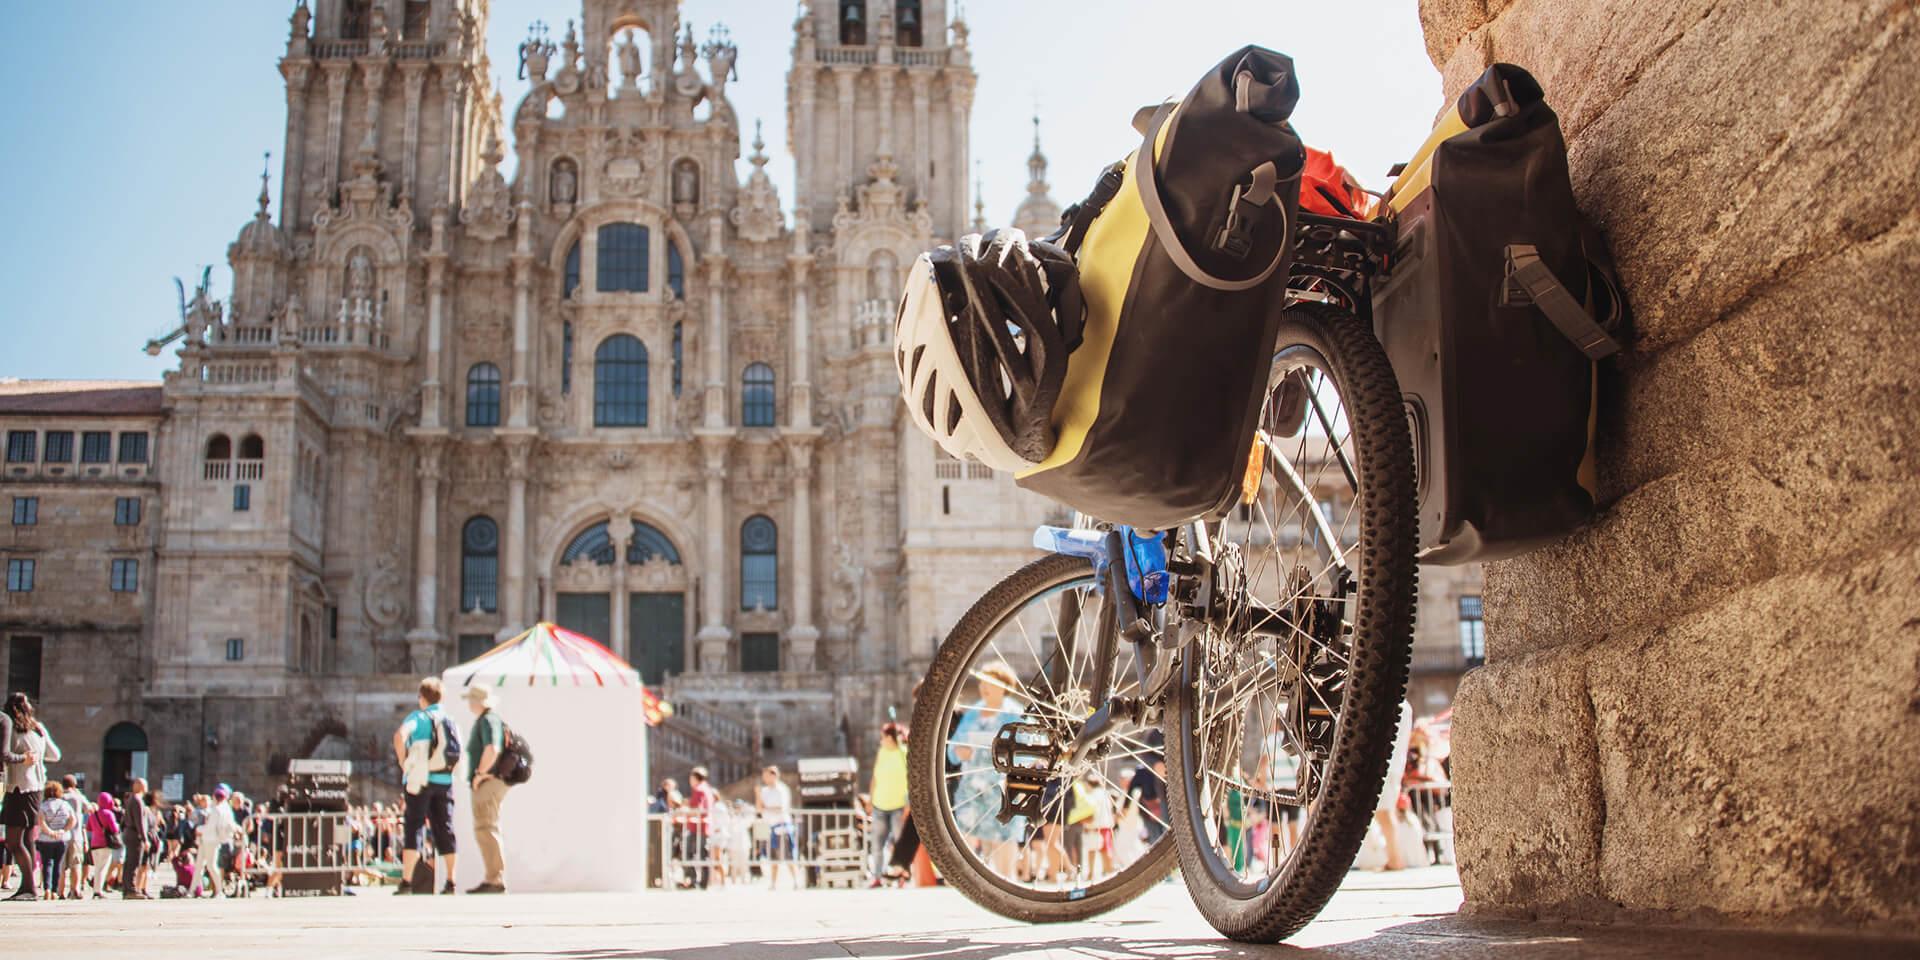 Ein Fahrrad mit gepackten Satteltaschen steht vor der Kathedrale von Santiago de Compostela